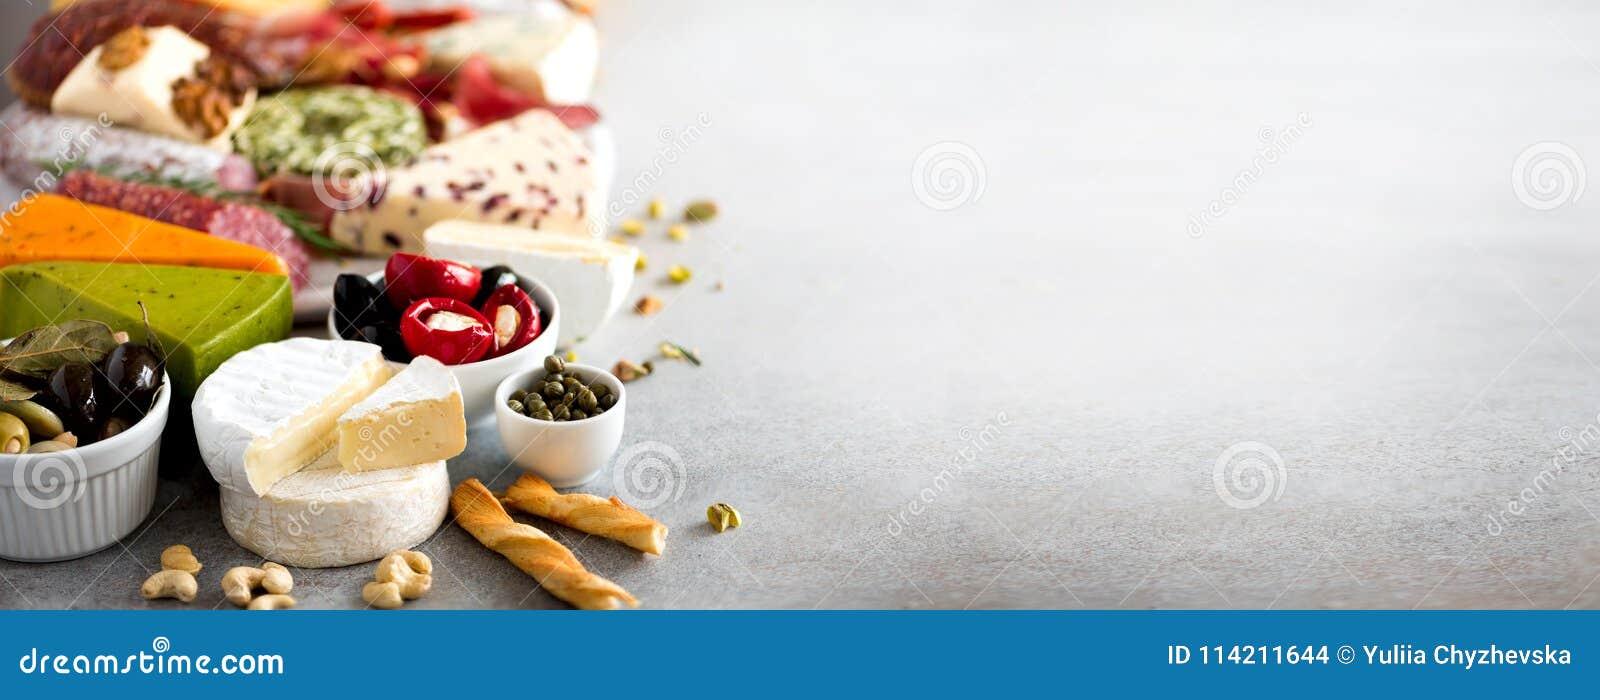 Traditionele Italiaanse antipasto, scherpe raad met salami, koude rookte vlees, prosciutto, ham, kazen, olijven, kappertjes